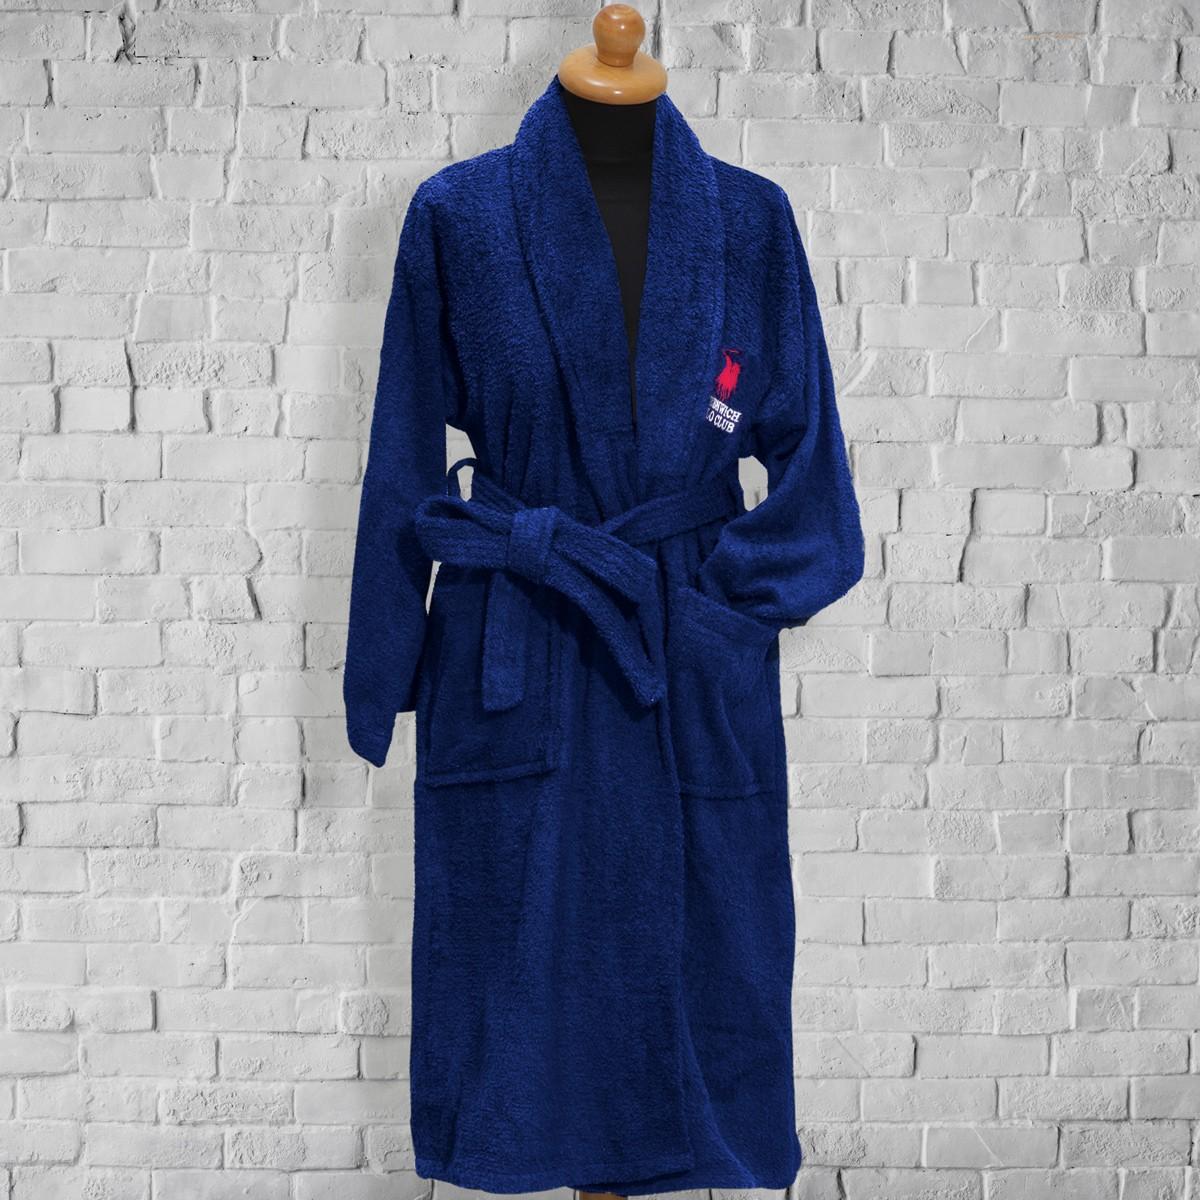 Μπουρνούζι Polo Club Essential 2605 MEDIUM MEDIUM